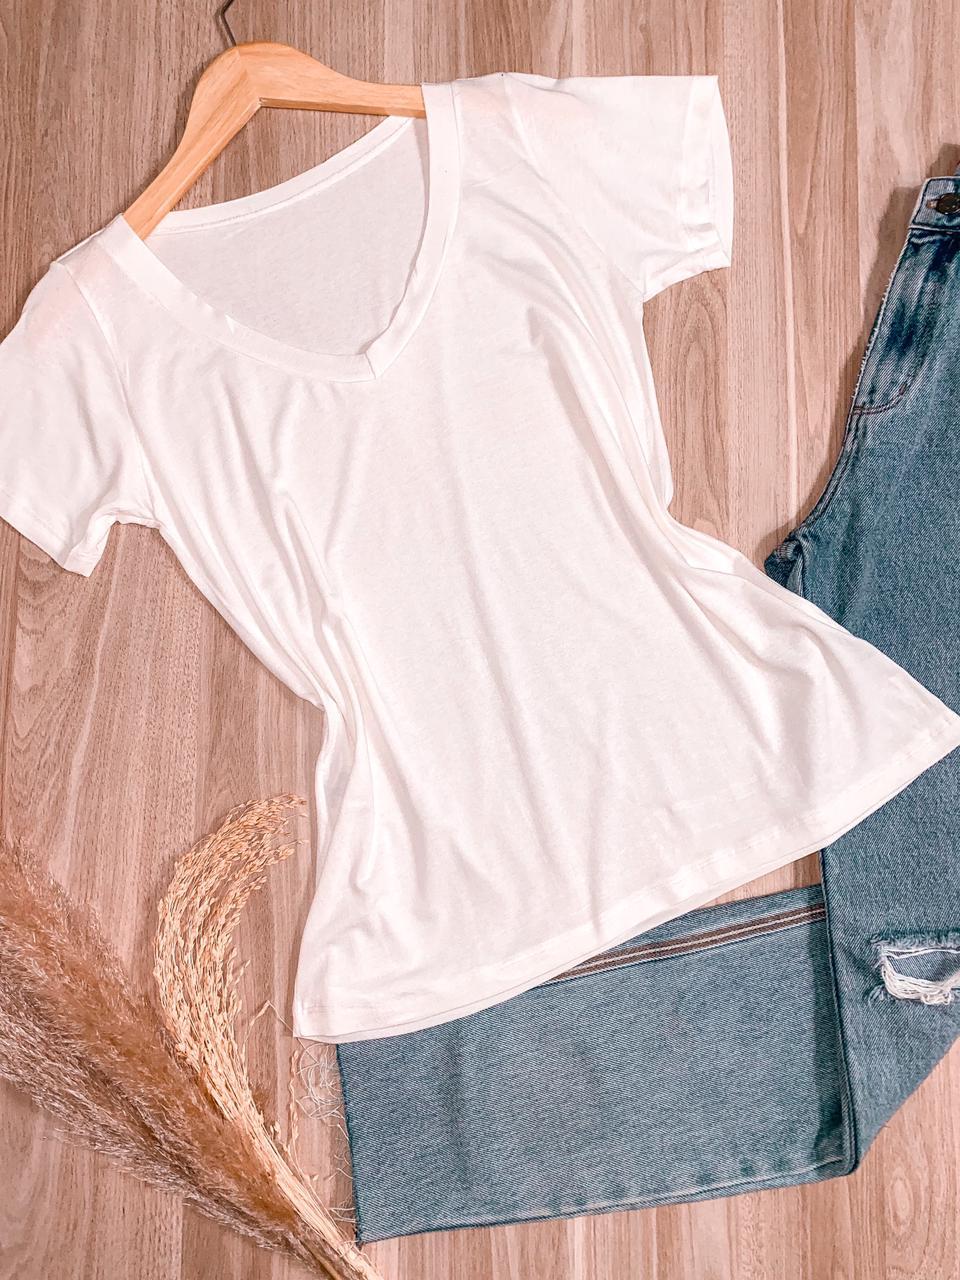 T-shirt Podrinha Lisa Fashion